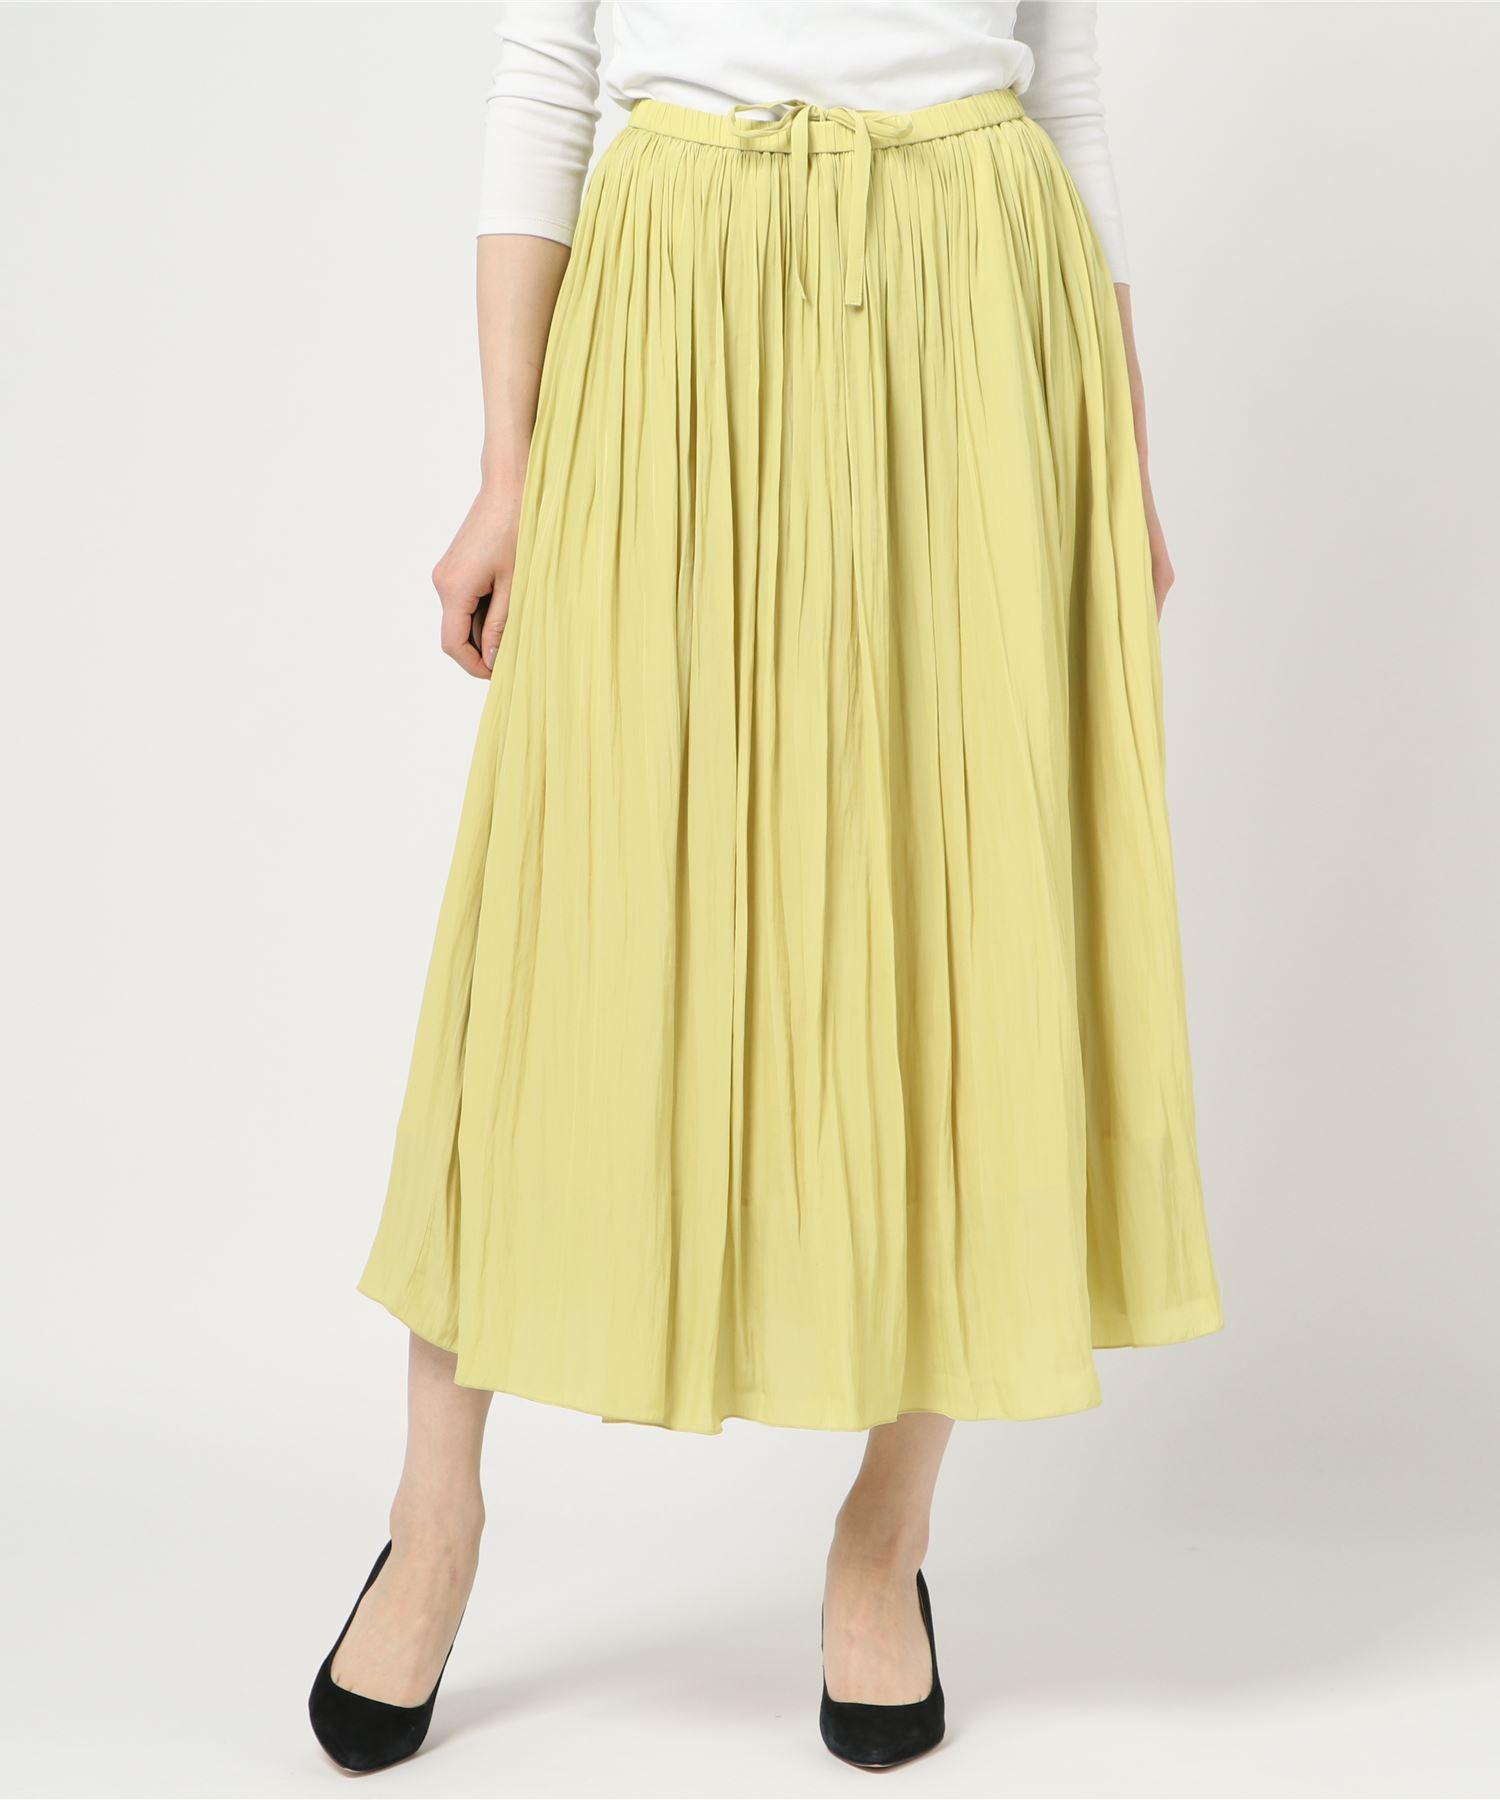 アメリカンラグシー AMERICAN RAG CIE / マイクロデシンロングギャザースカート Micro Crepe De Chine Long Gathered Skirt